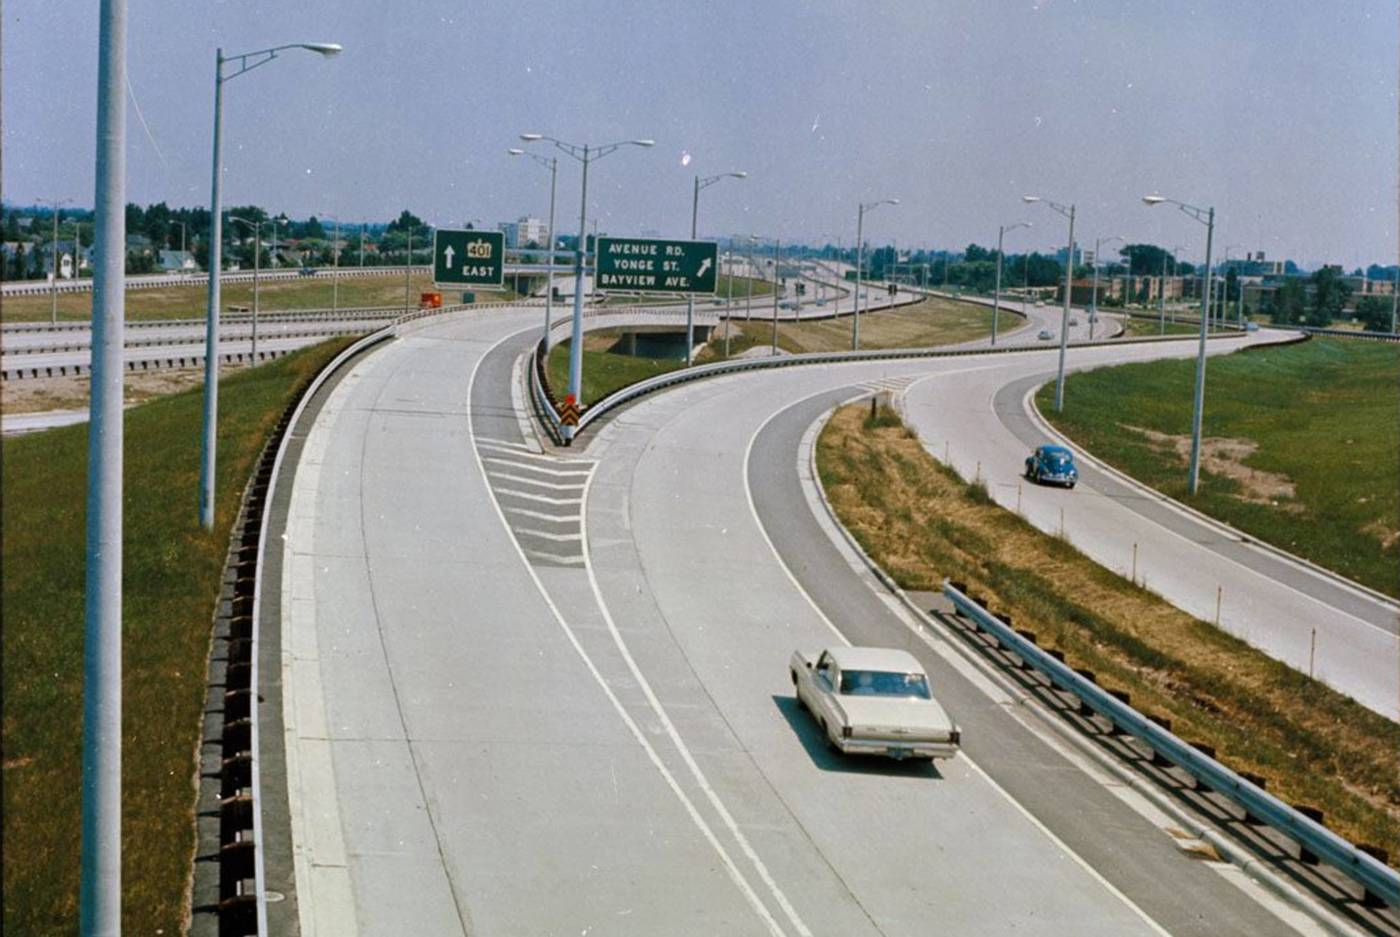 highway 401